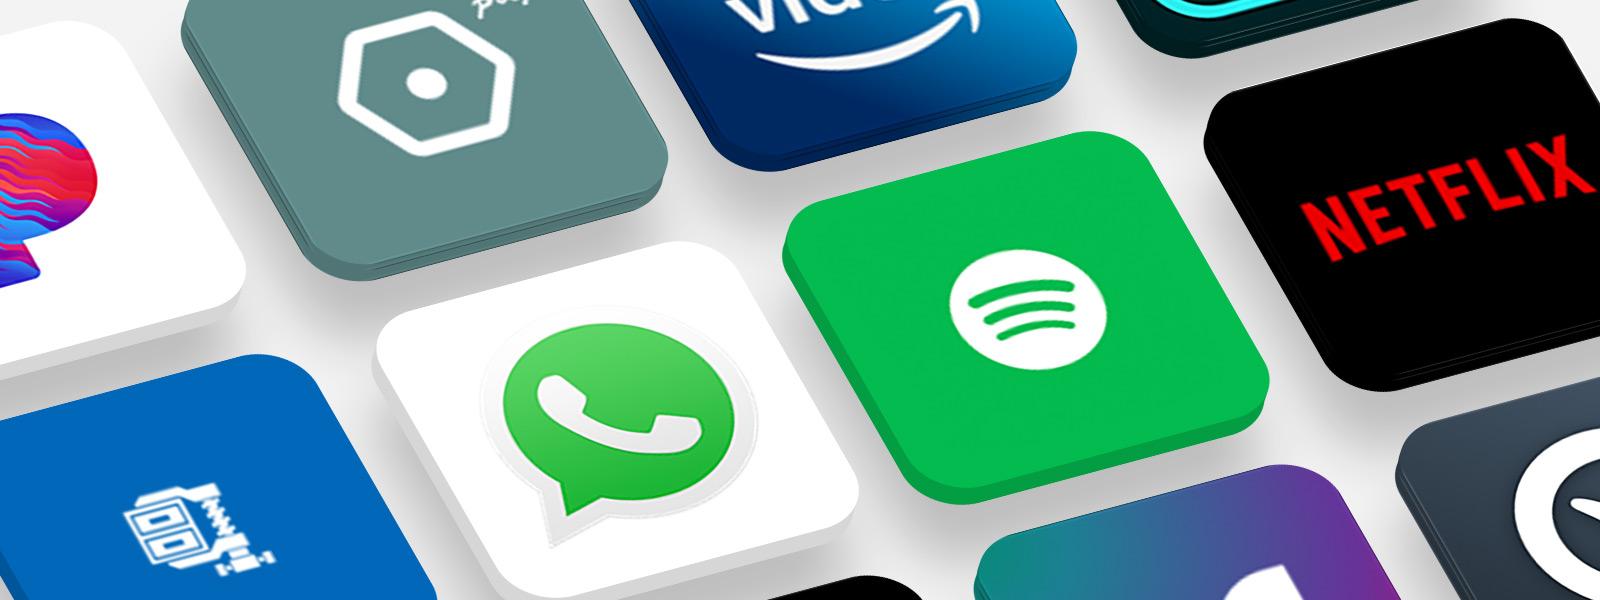 Számos népszerű alkalmazás logója